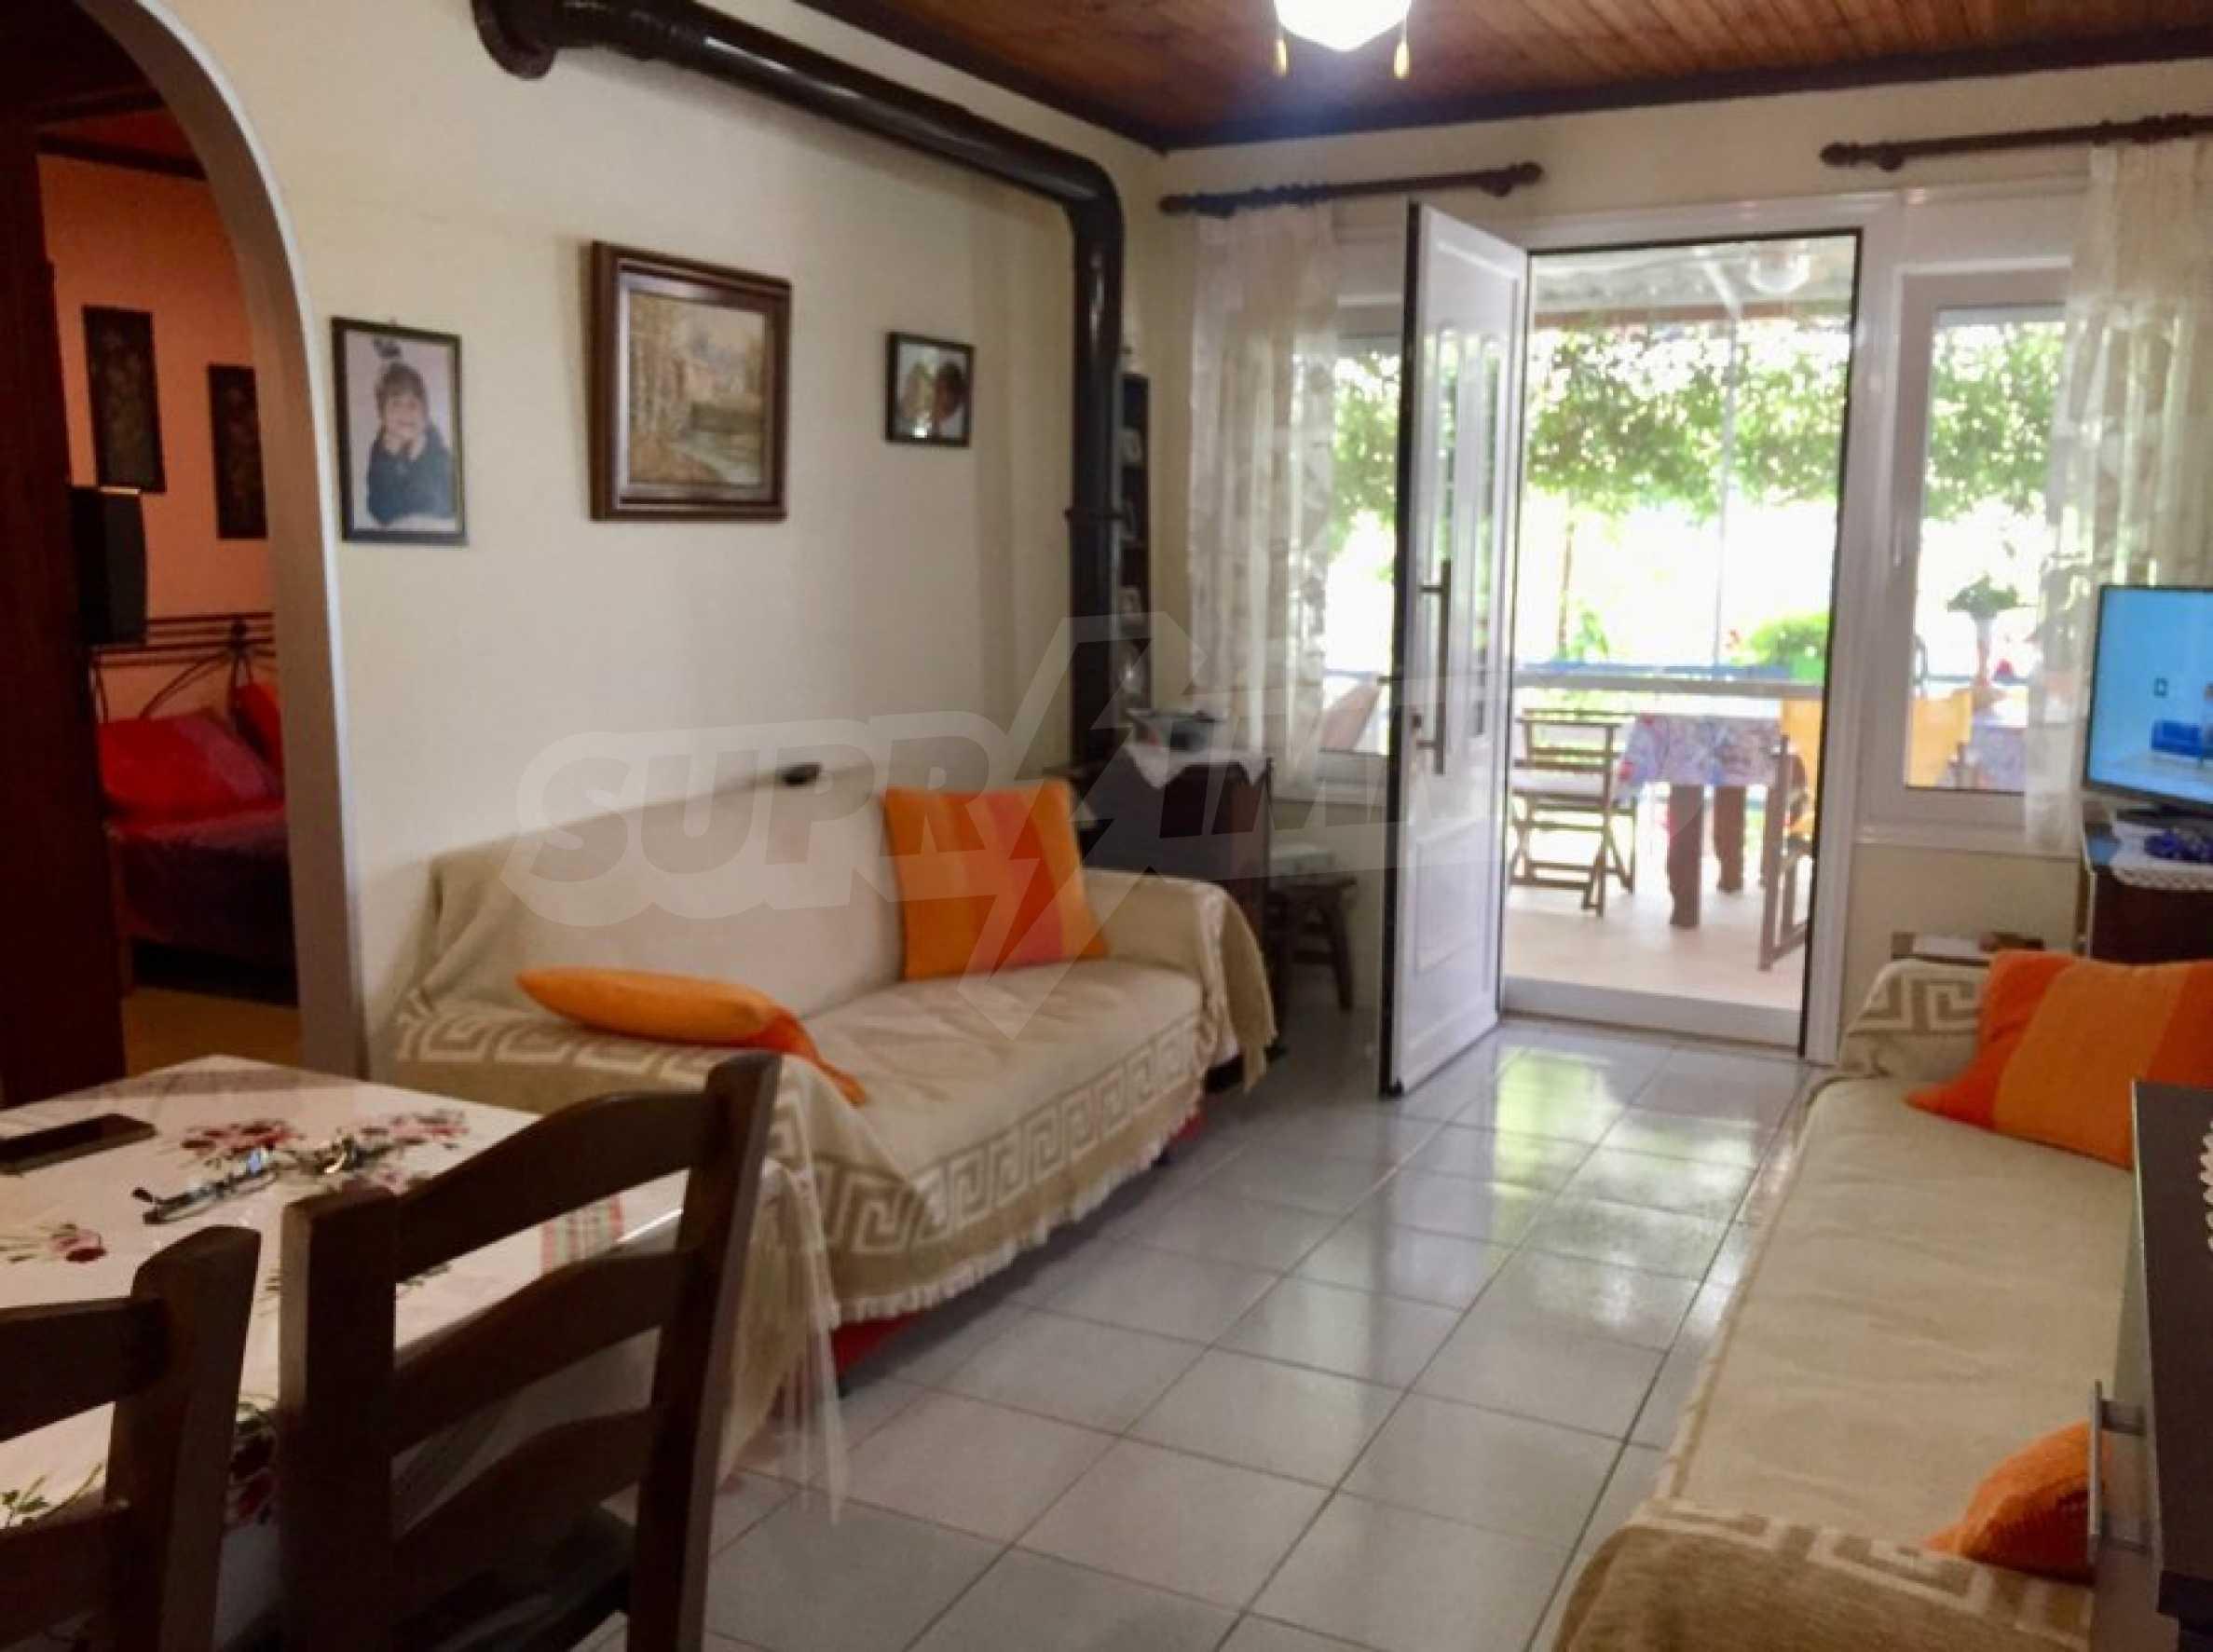 Къща с две спални и прекрасна градина 4